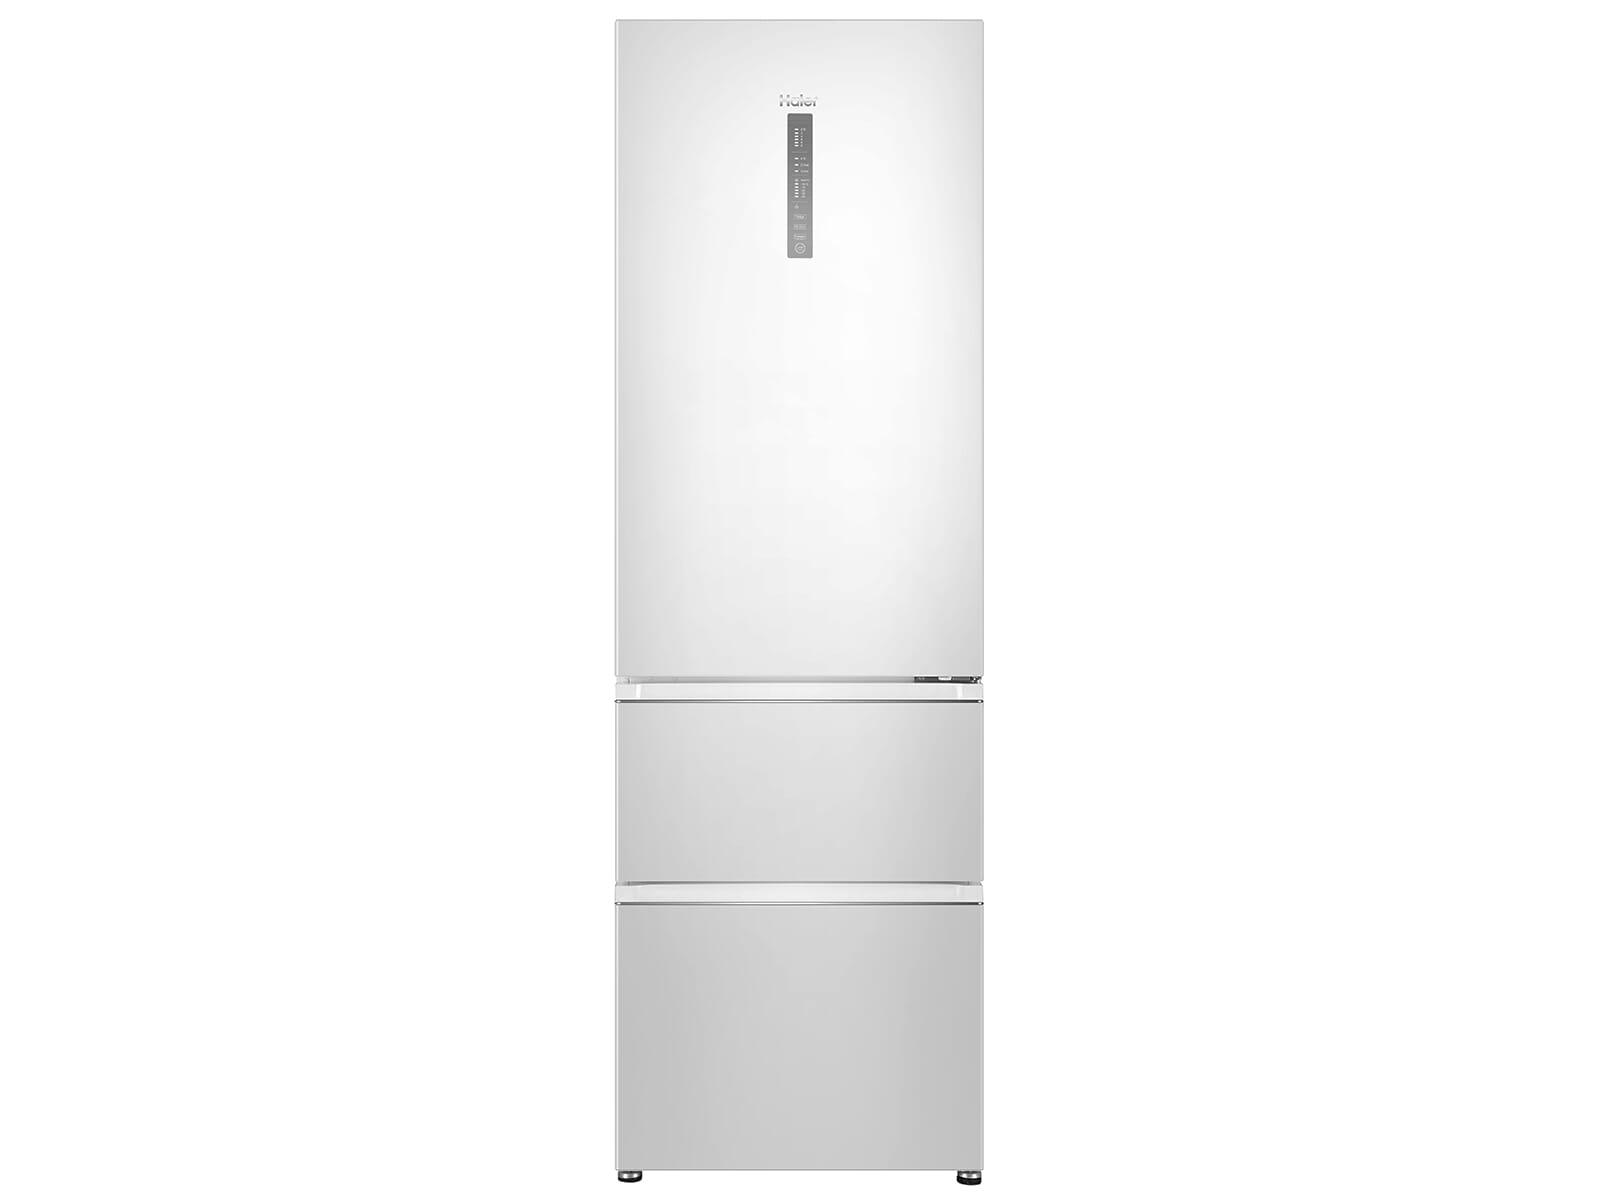 Side By Side Kühlschrank Wasseranschluss Verlängern : Wasseranschluss küche wasseranschluss küche verlängern